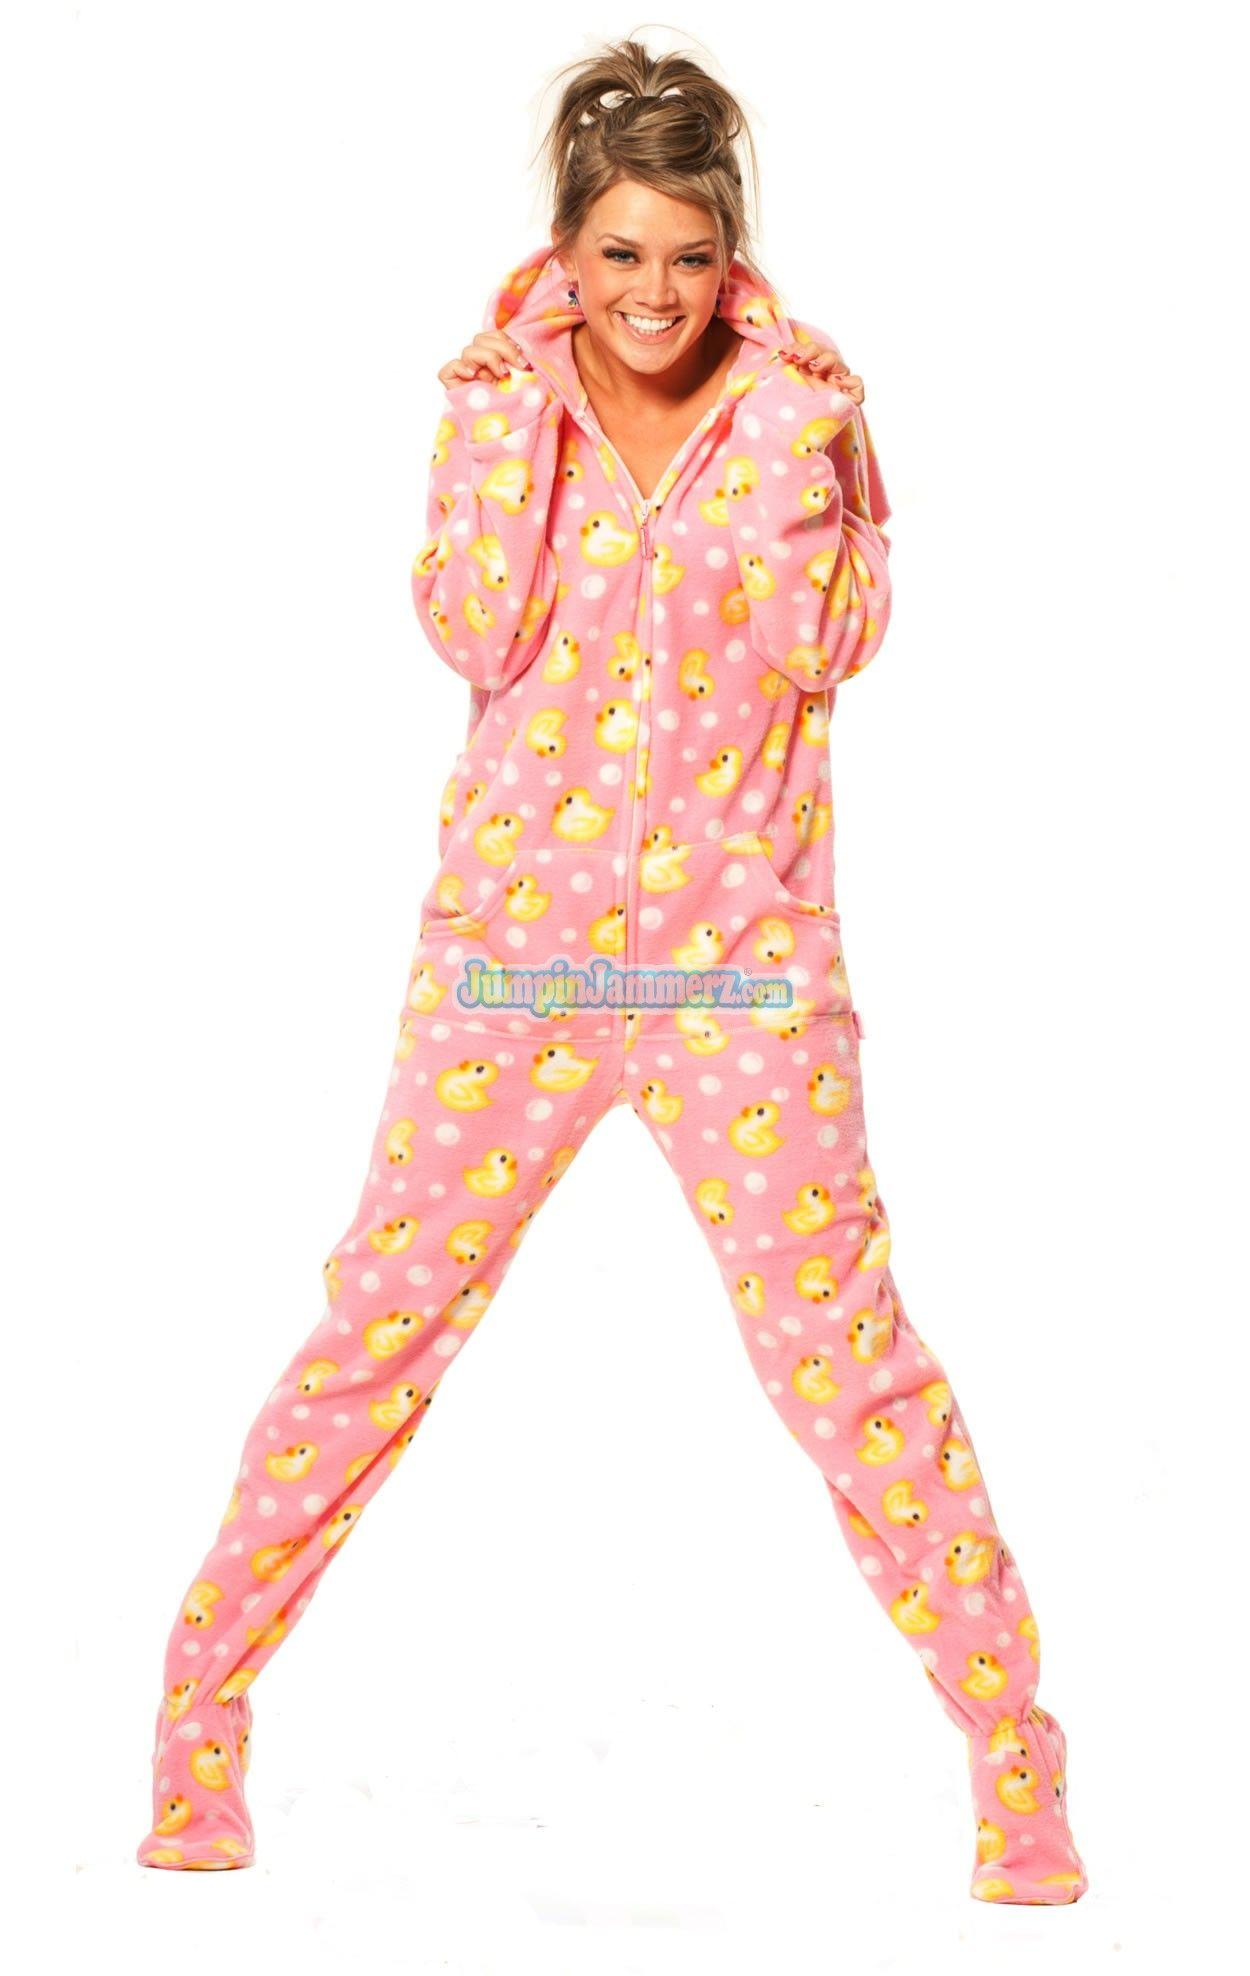 Pink Duckie - Drop Seat Hoodie - Pajamas Footie PJs Onesies One Piece Adult  Pajamas - JumpinJammerz.com 15eeb8af9